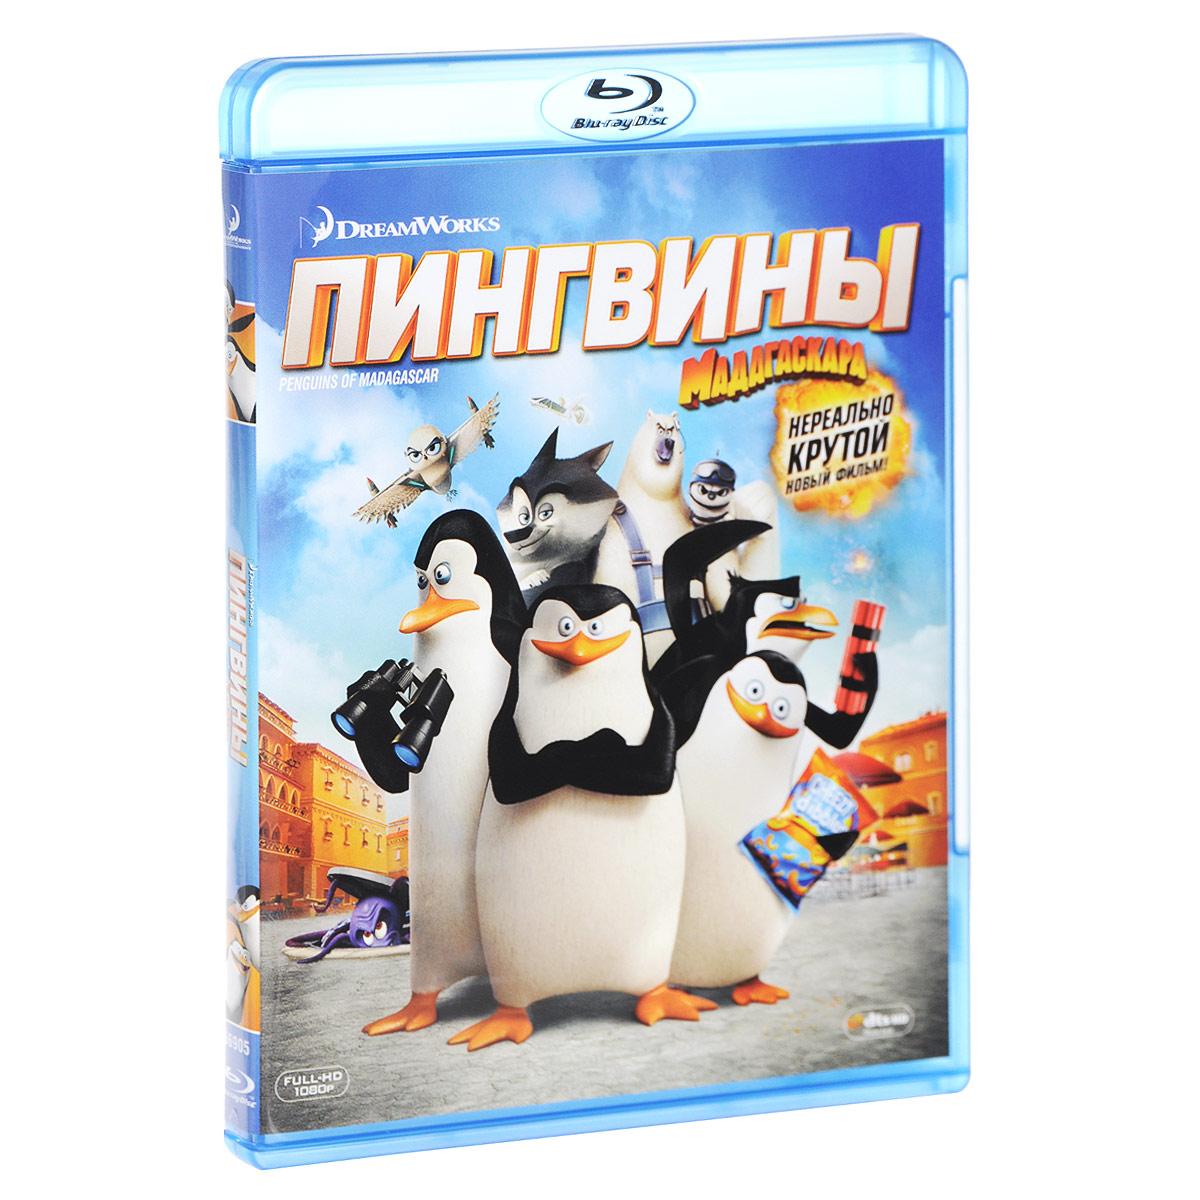 Пингвины Мадагаскара (Blu-ray)Они классные! Они милые! Они... возвращаются! Создатели Мадагаскара представляют новый комедийный мультфильм, доказывающий, что будущее шпионажа - за птичками! В Пингвинах Мадагаскара ваши любимые суперагенты - Шкипер, Ковальски, Рико и Прапор - объединяются с элитной командой Северный ветер, чтобы спасти мир. Невероятно смешные и захватывающие приключения героев никого не оставят равнодушным!